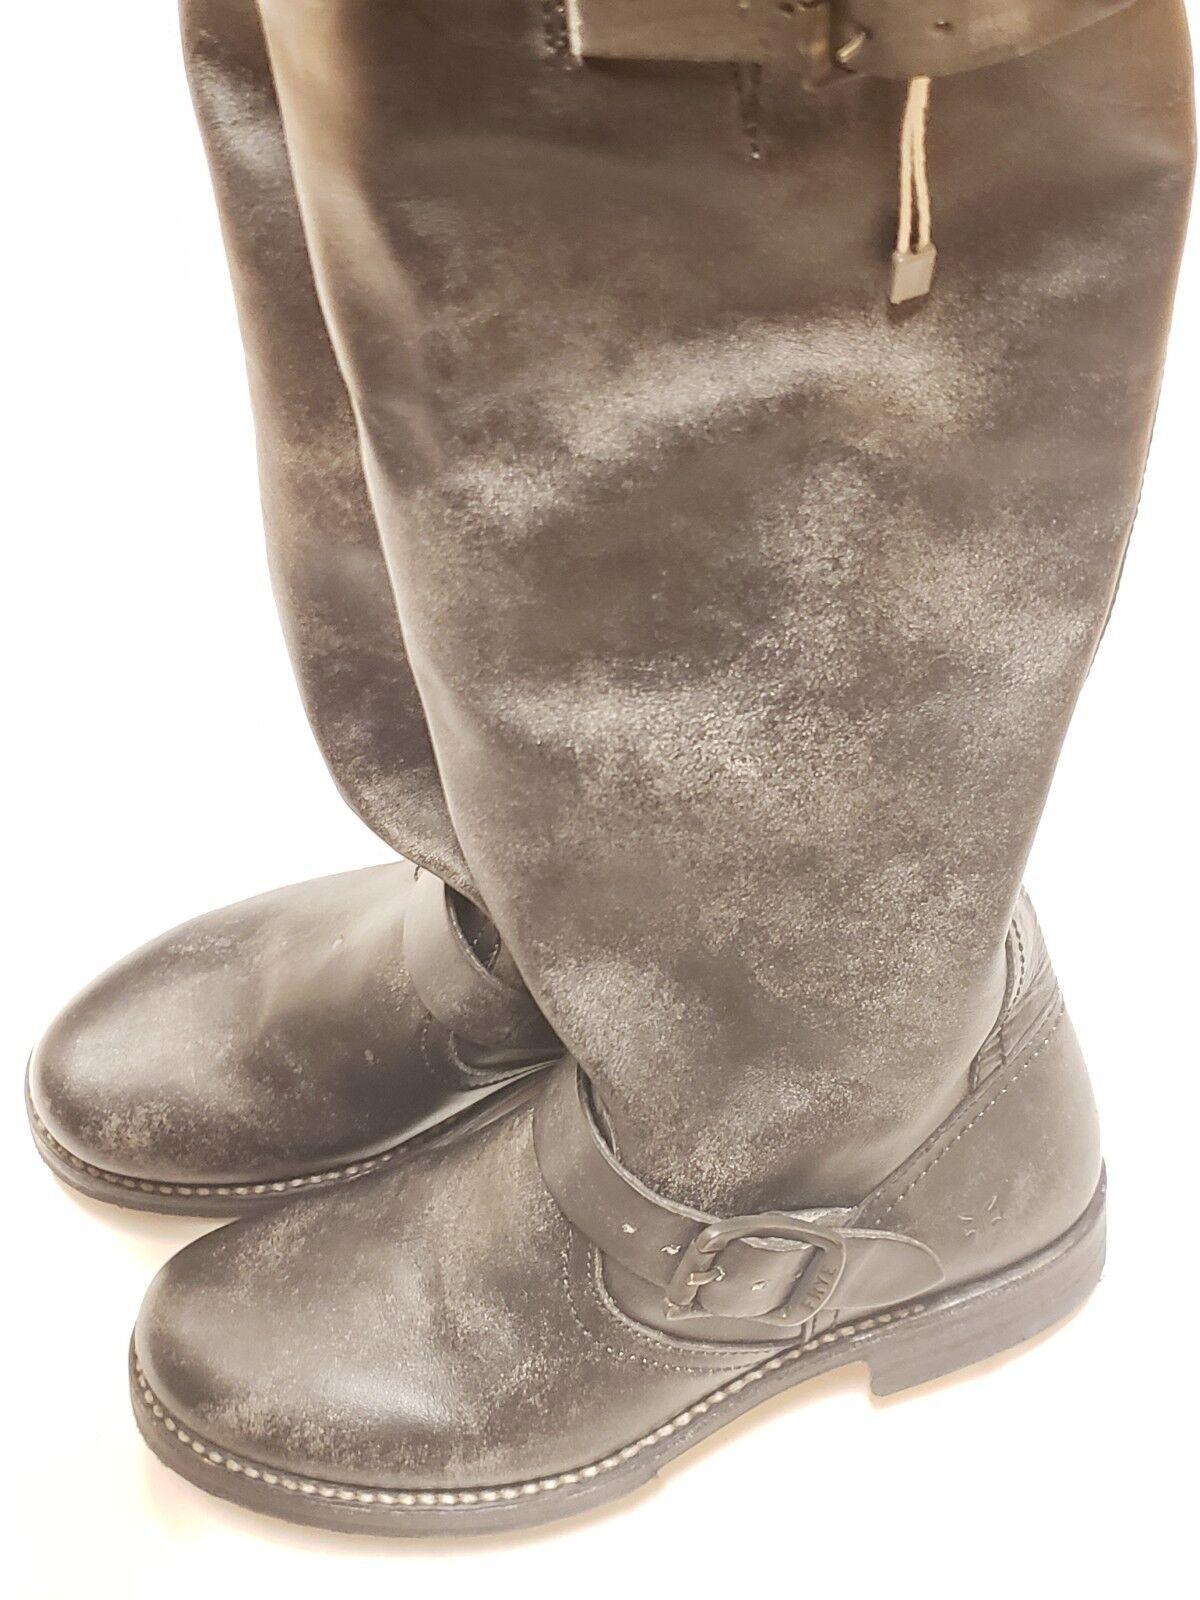 Frye botas De Cuero Negro para EE. Mujer Talla 6 EE. para UU. envejecido 684fe8